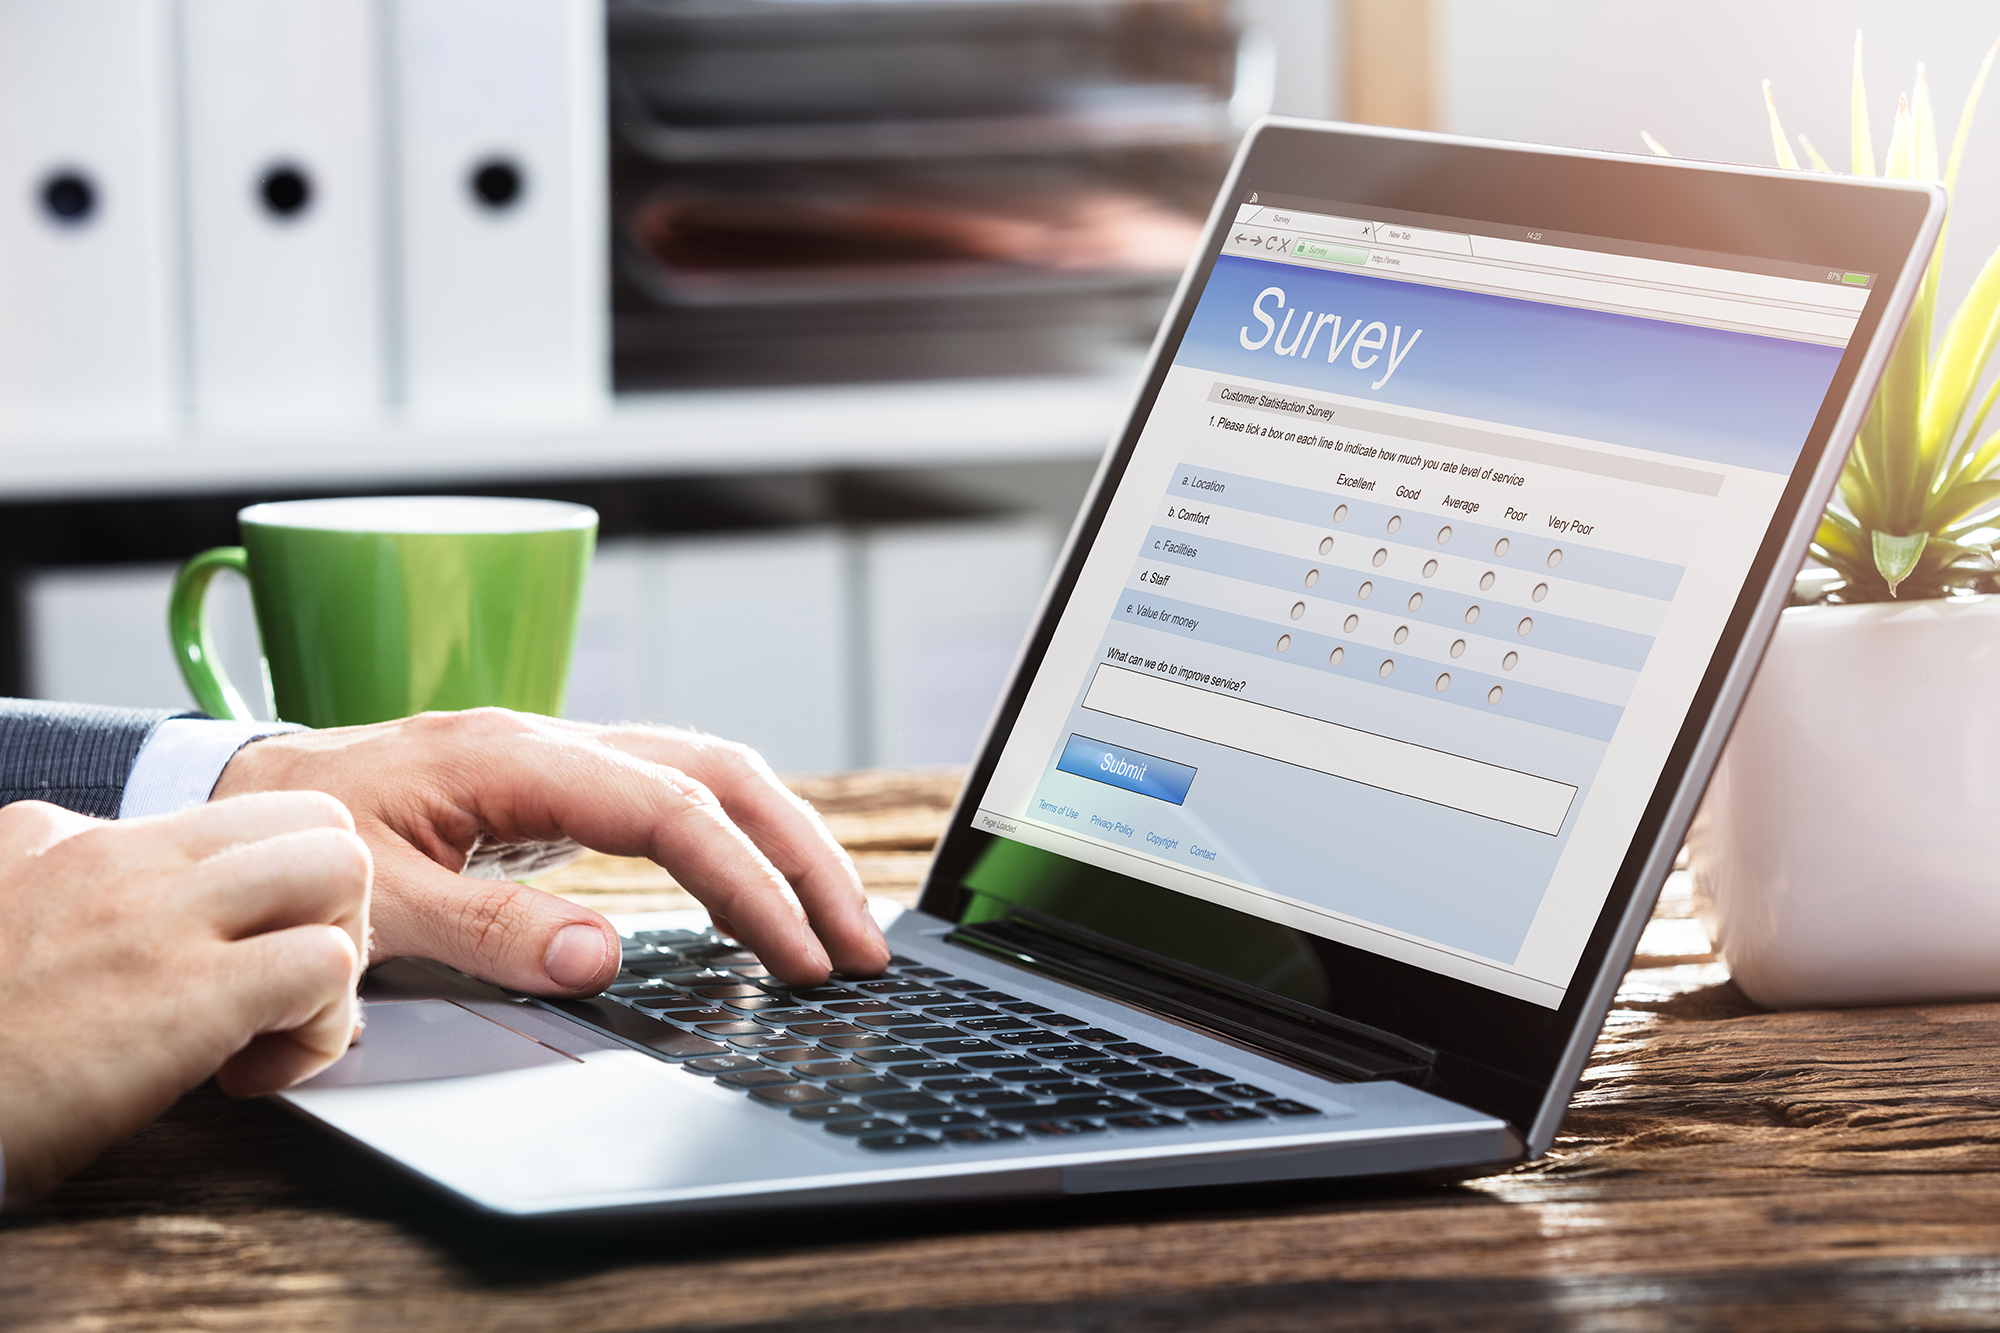 Uomo compilando un sondaggio.  (Immagine: Shutterstock)